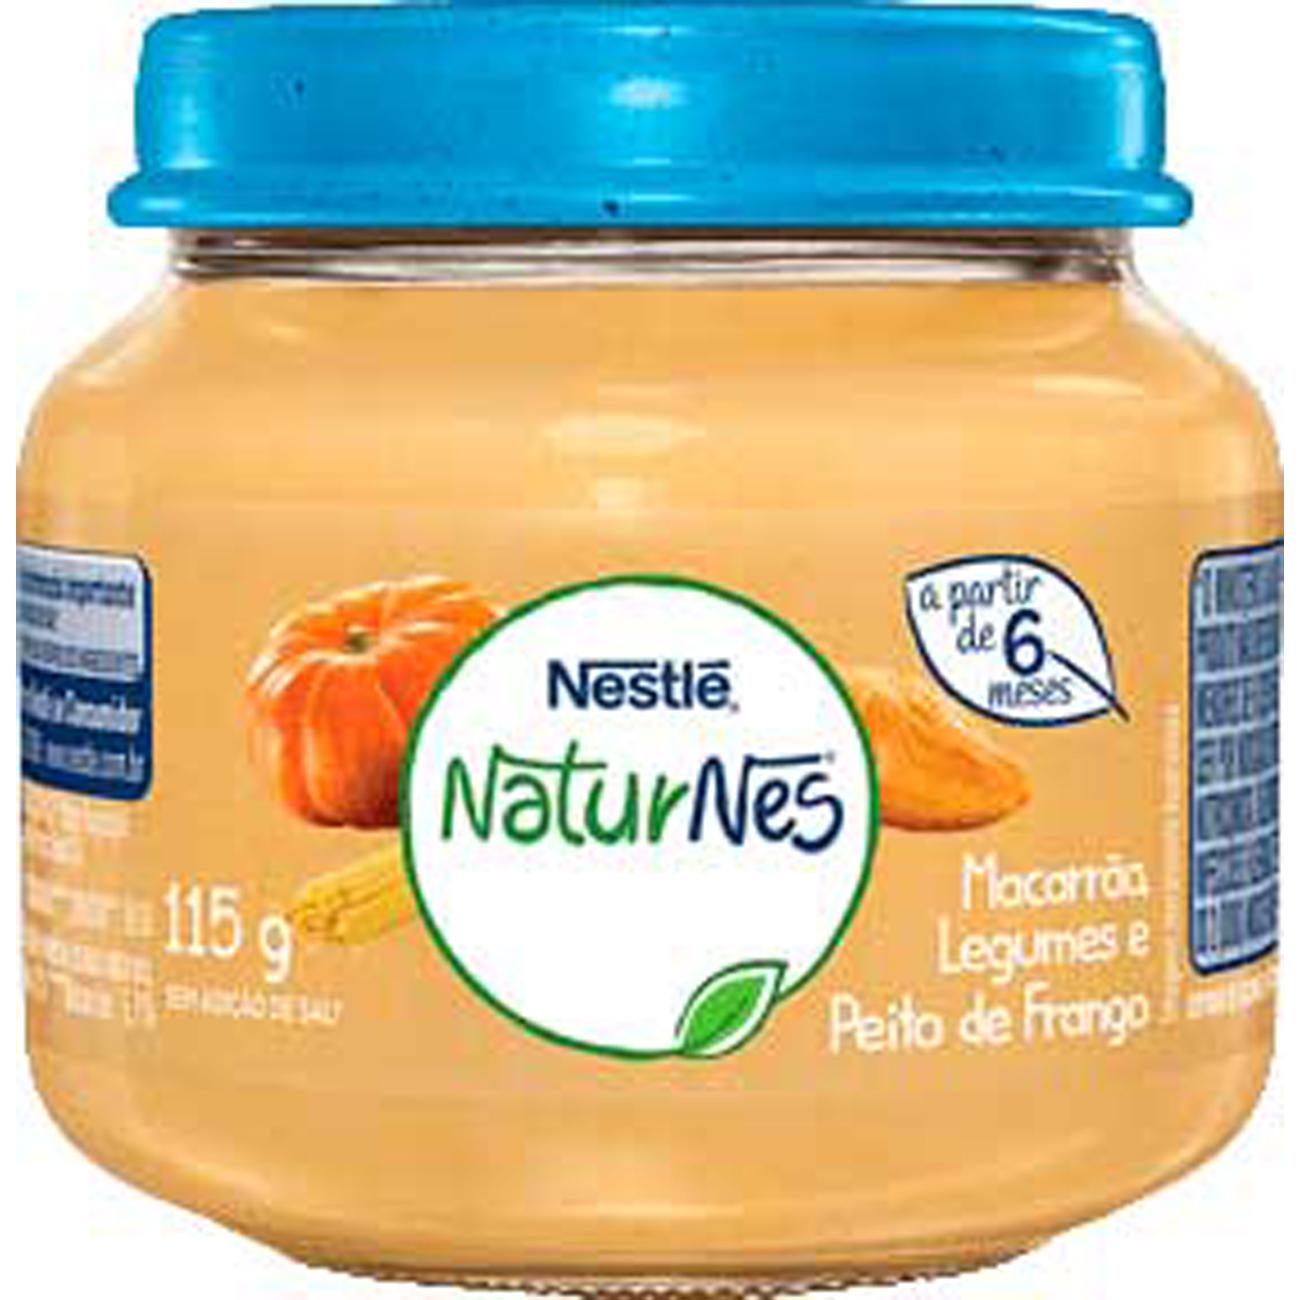 Papinha Nestle Peito de Frango, Legumes E Macarrao 115G